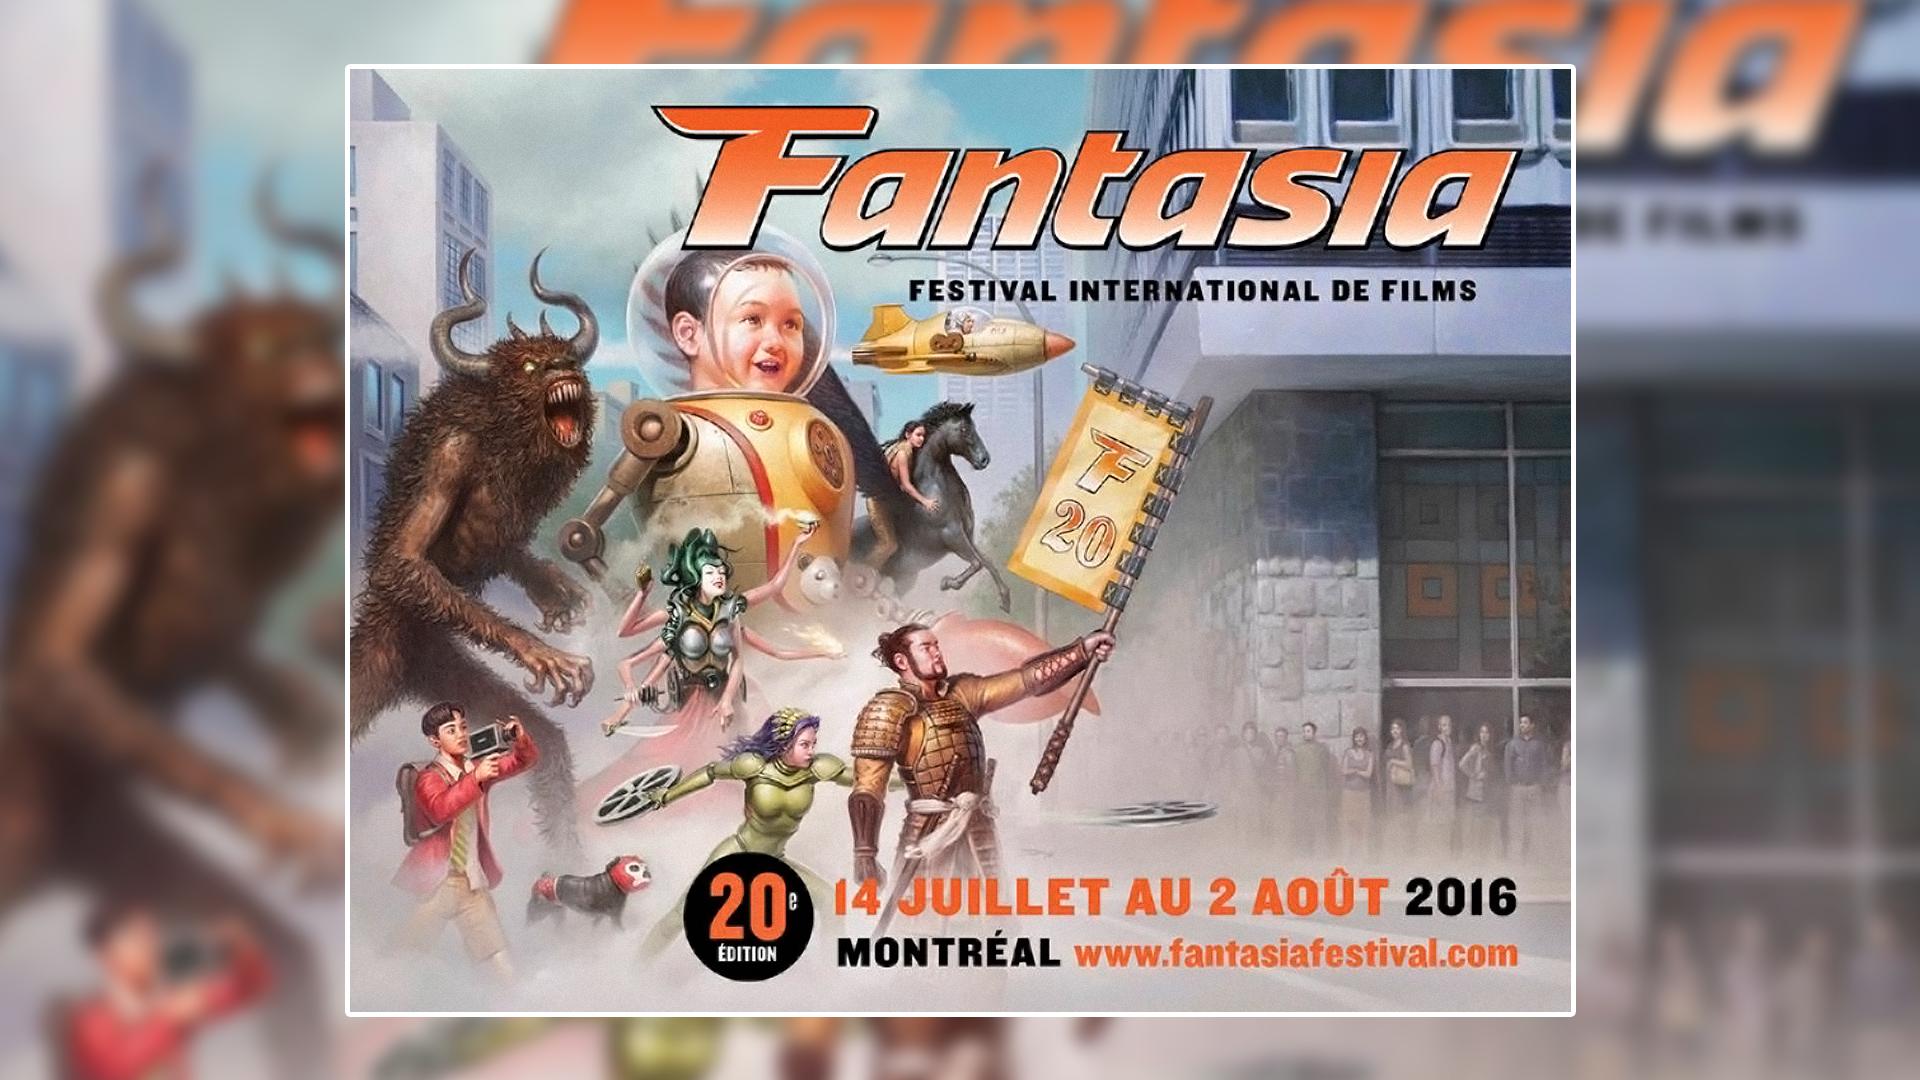 Fantasia 2016